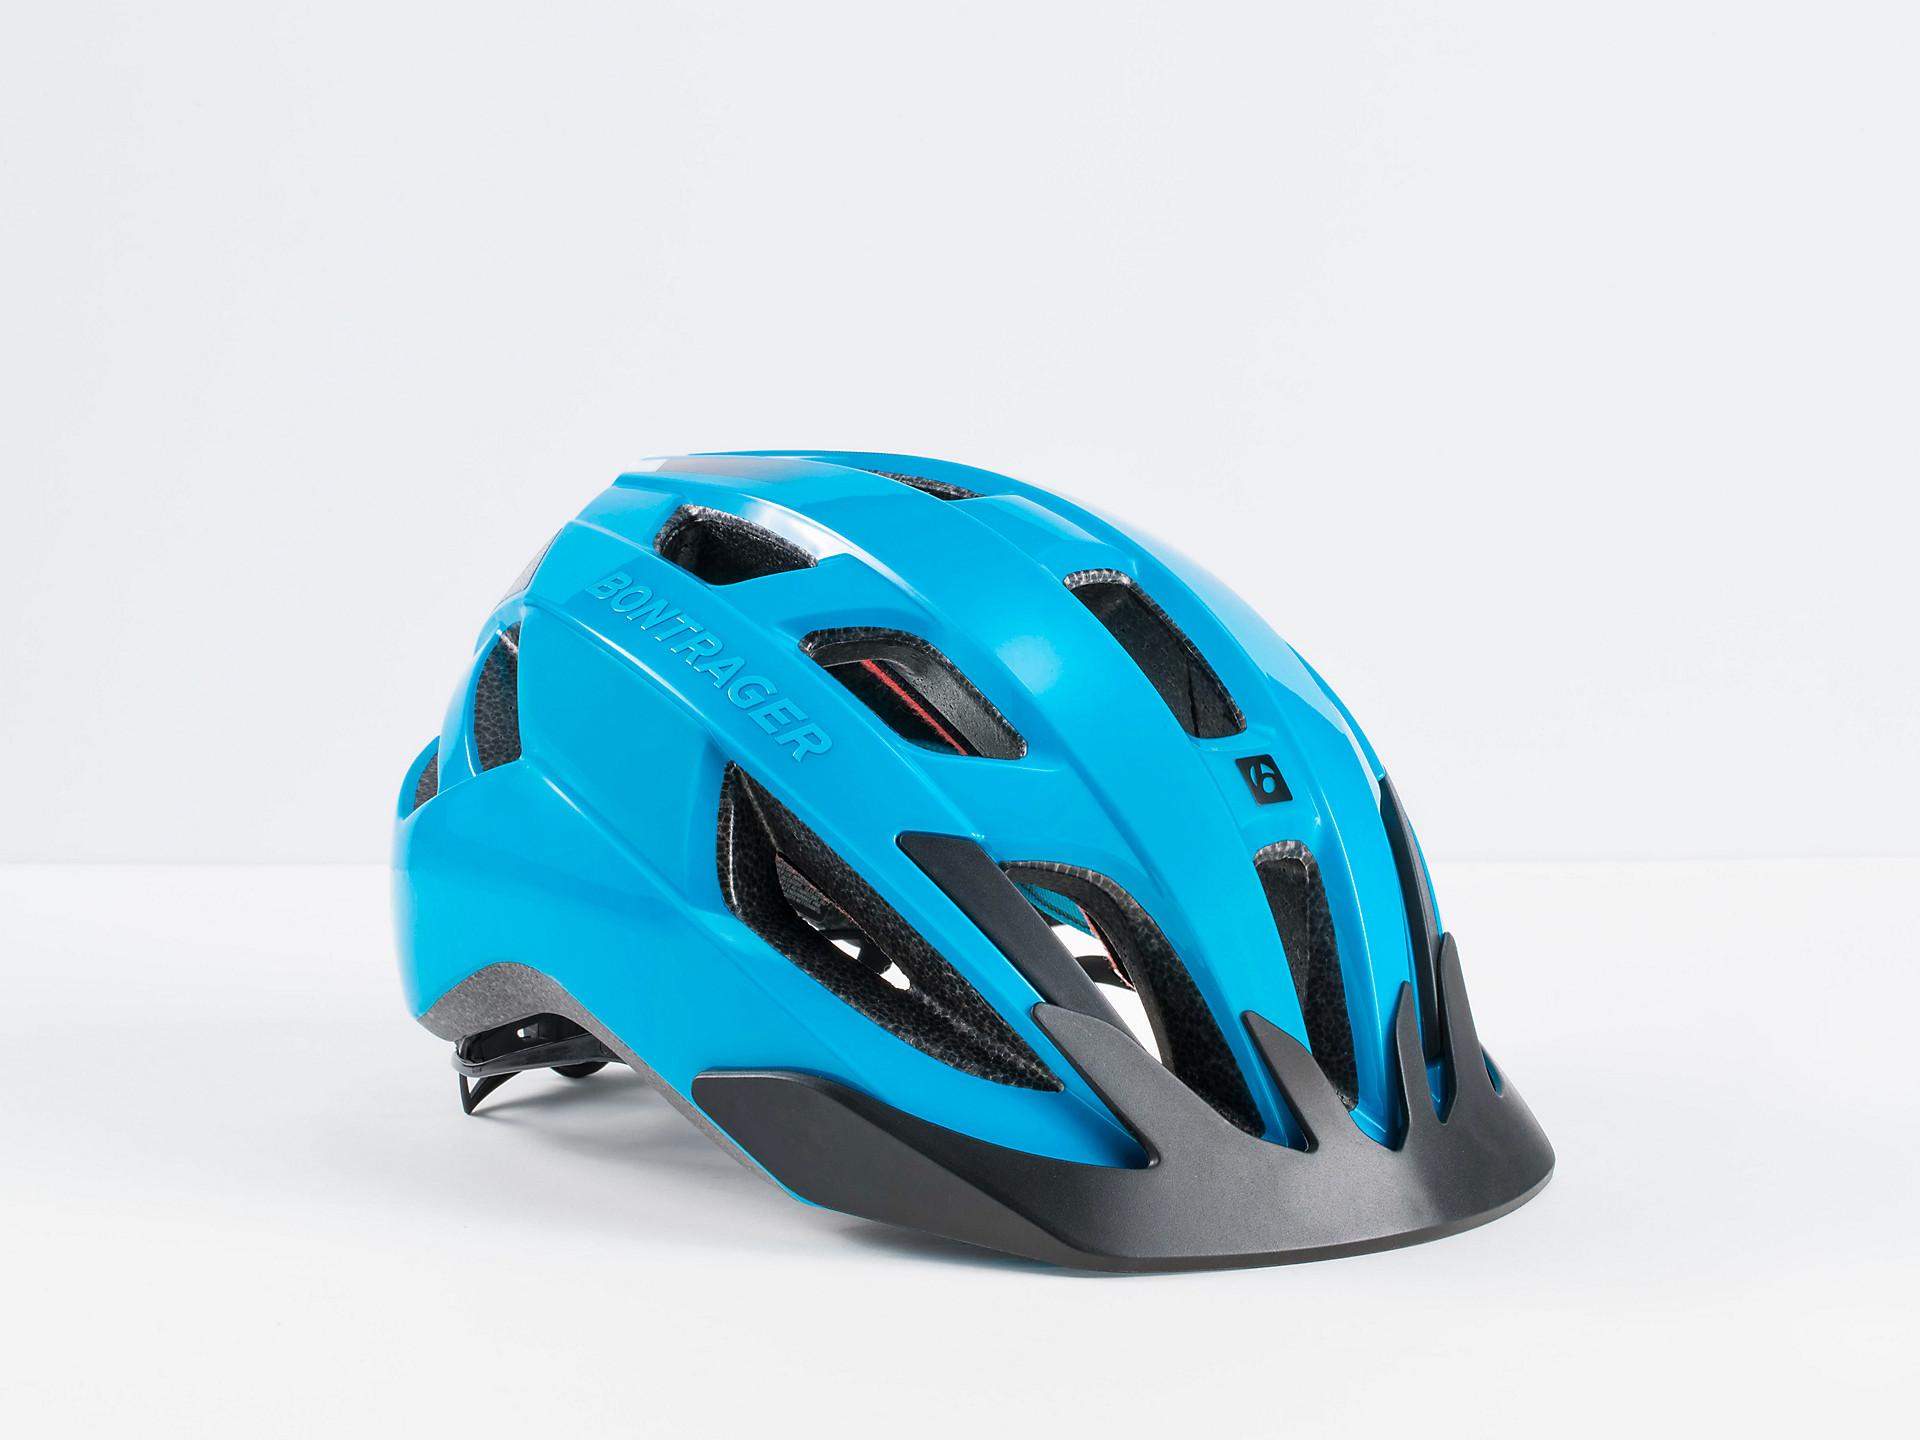 Capacetes para ciclistas  f443d825404e6